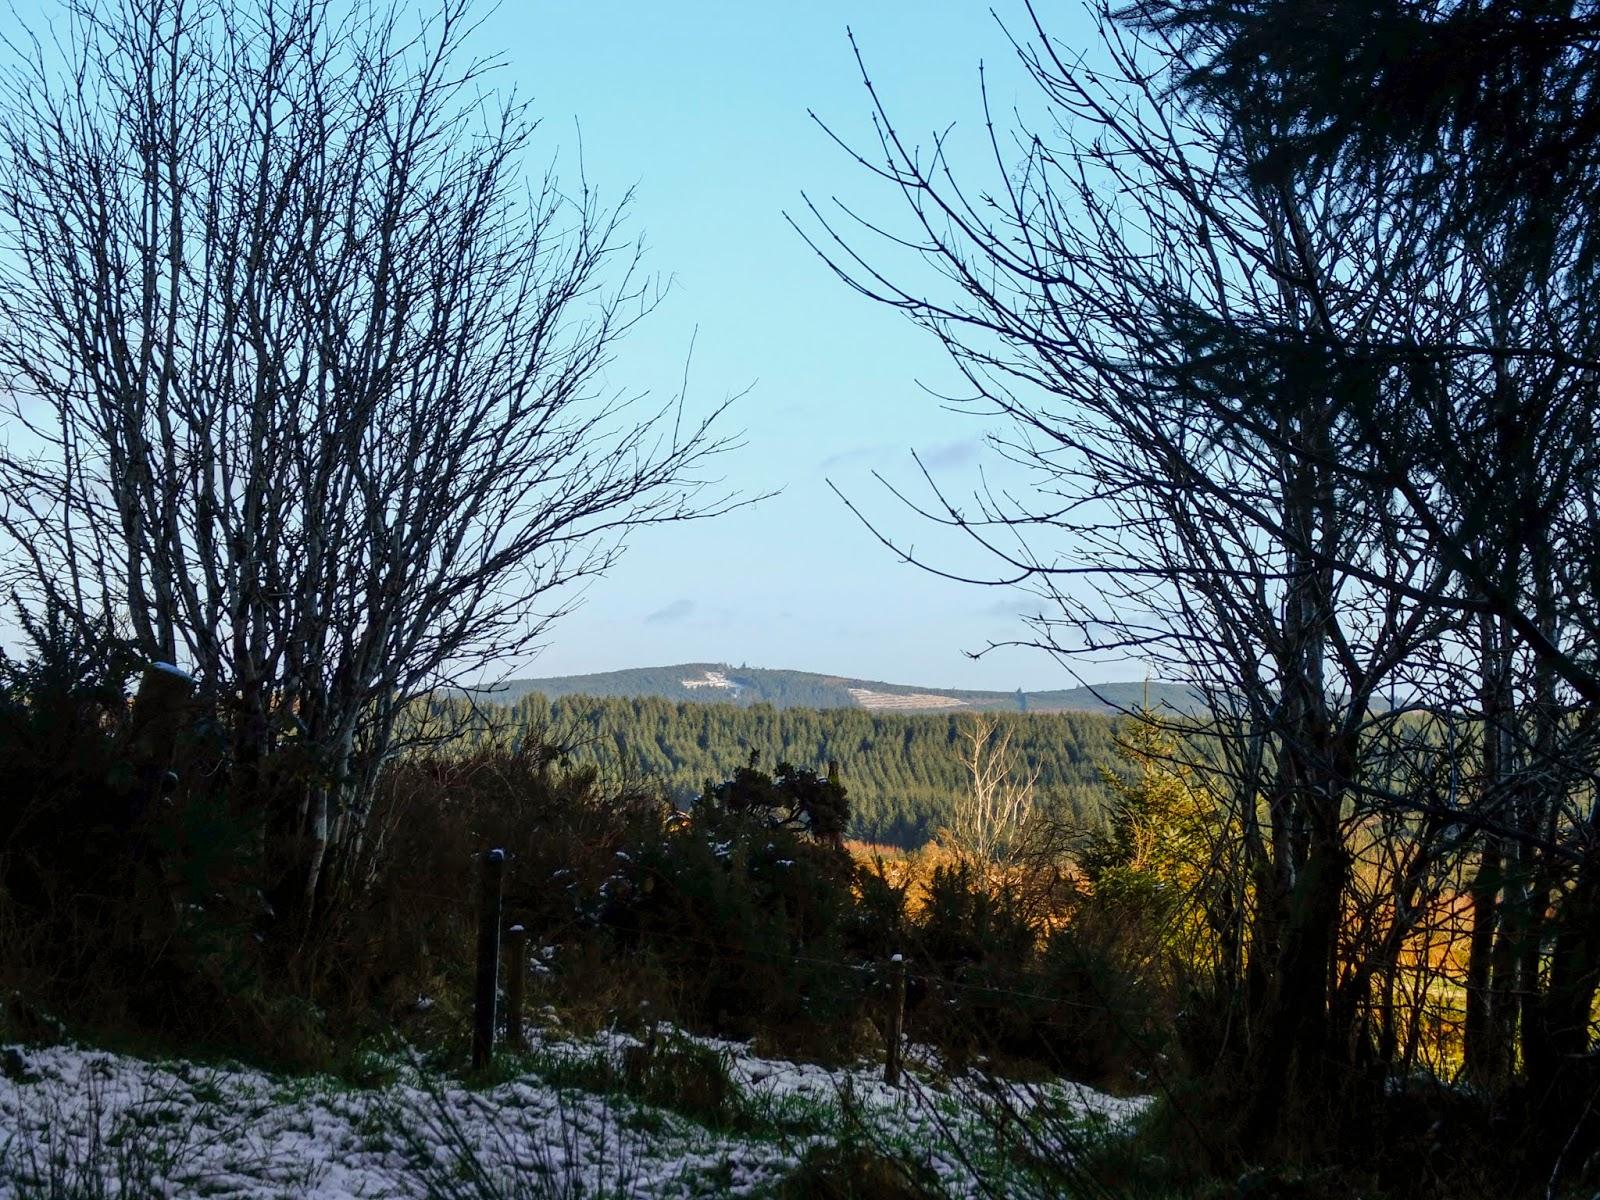 A frosty mountain landscape on a sunny day.